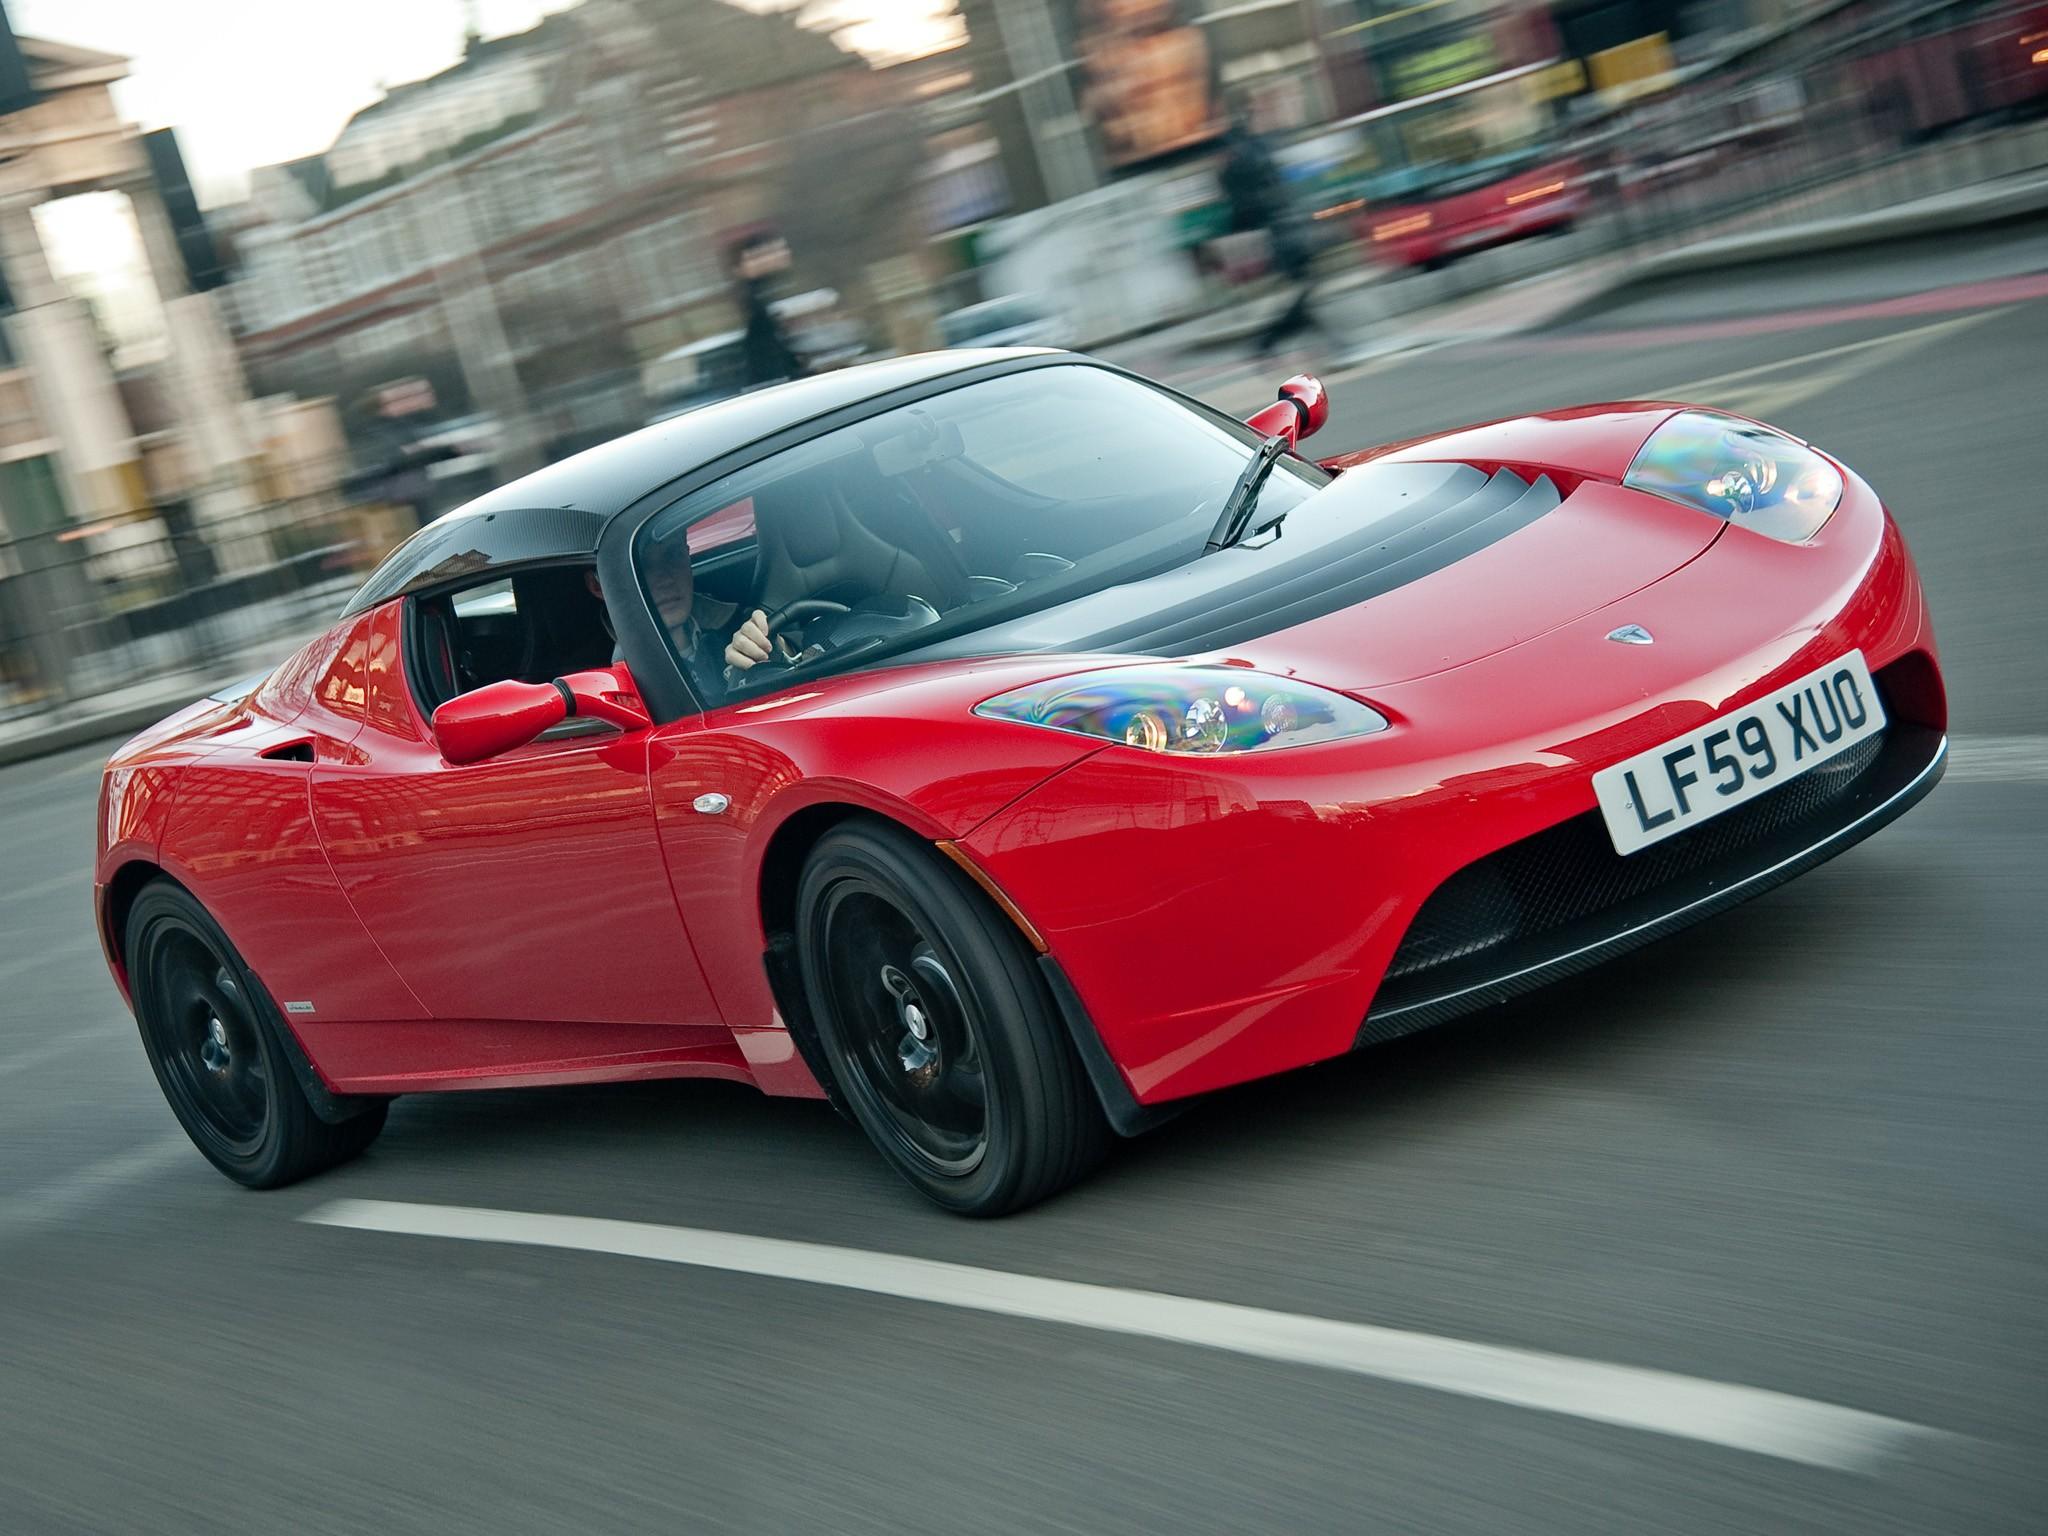 Sports Car Estimated Cost Per Mile